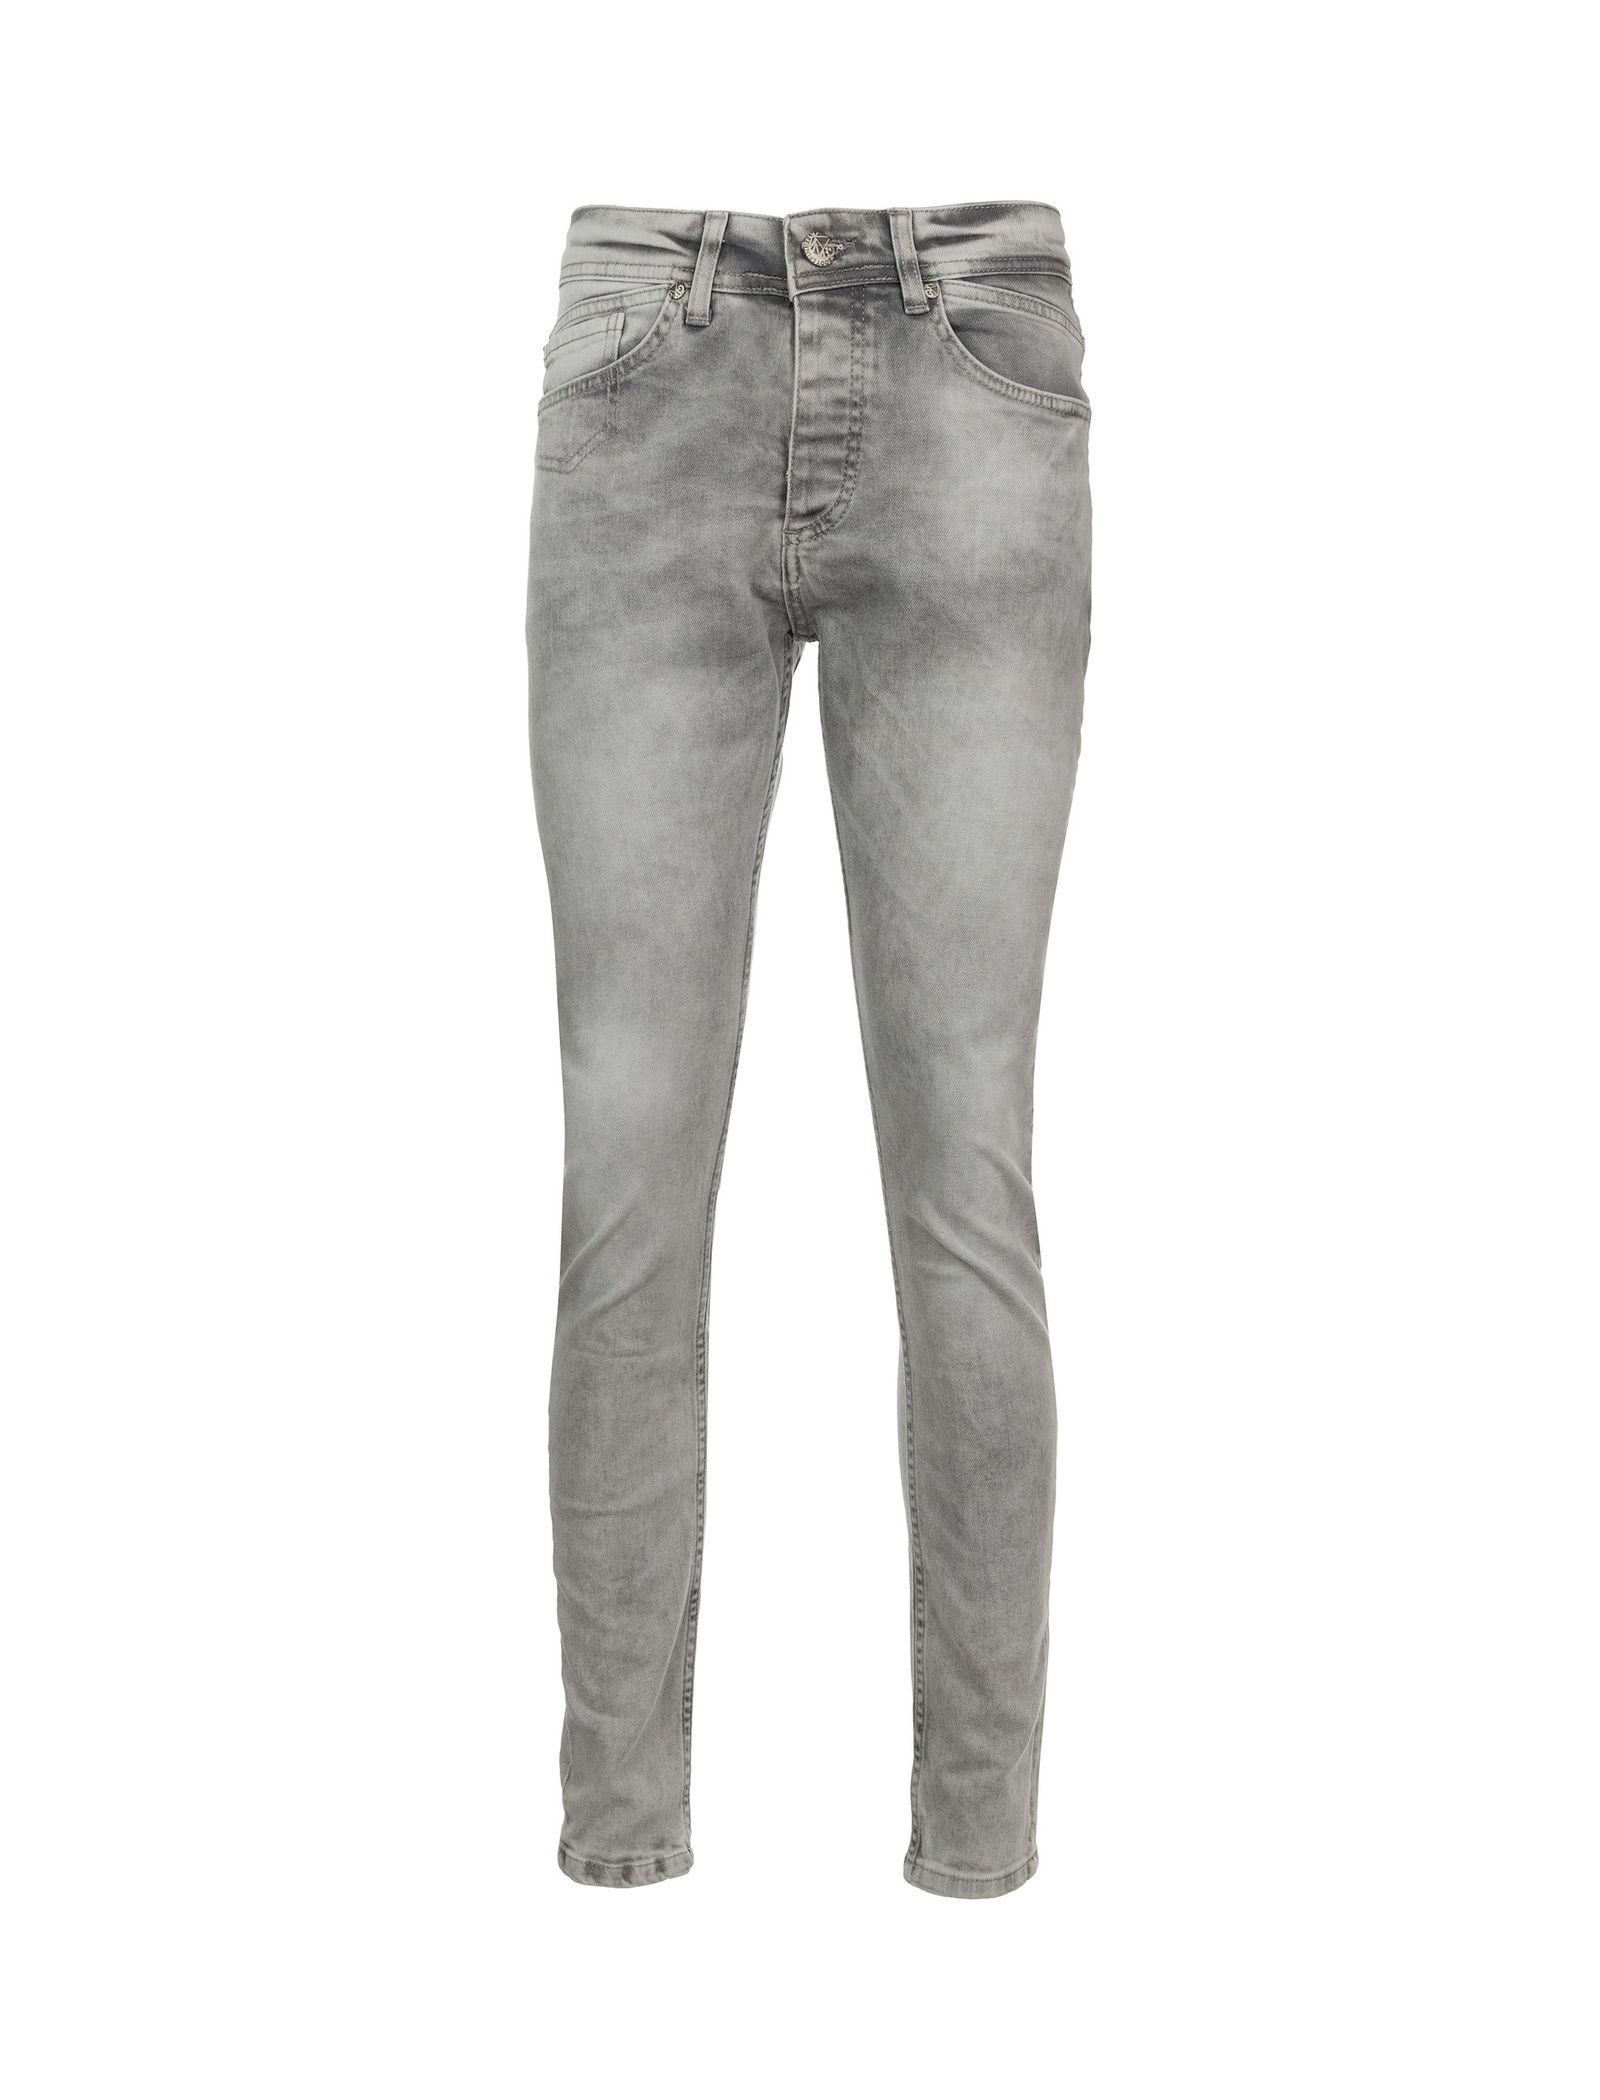 شلوار جین راسته مردانه - بادی اسپینر - طوسي - 1